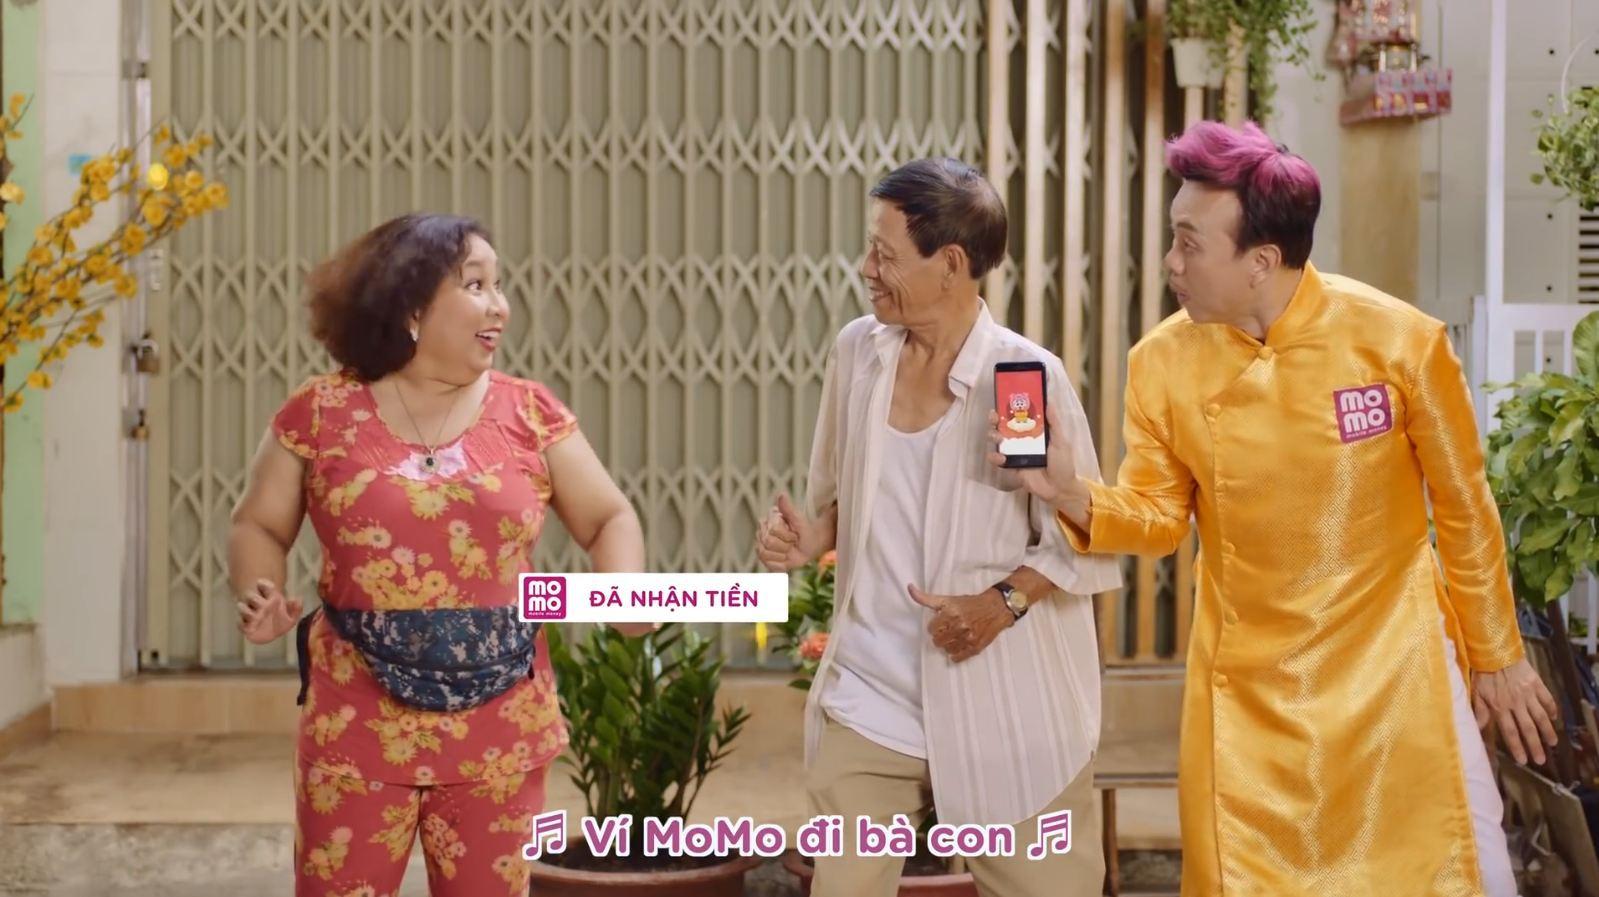 Nghệ sĩ Chí Tài bất ngờ tung MV hài Tết siêu vui - Ảnh 5.